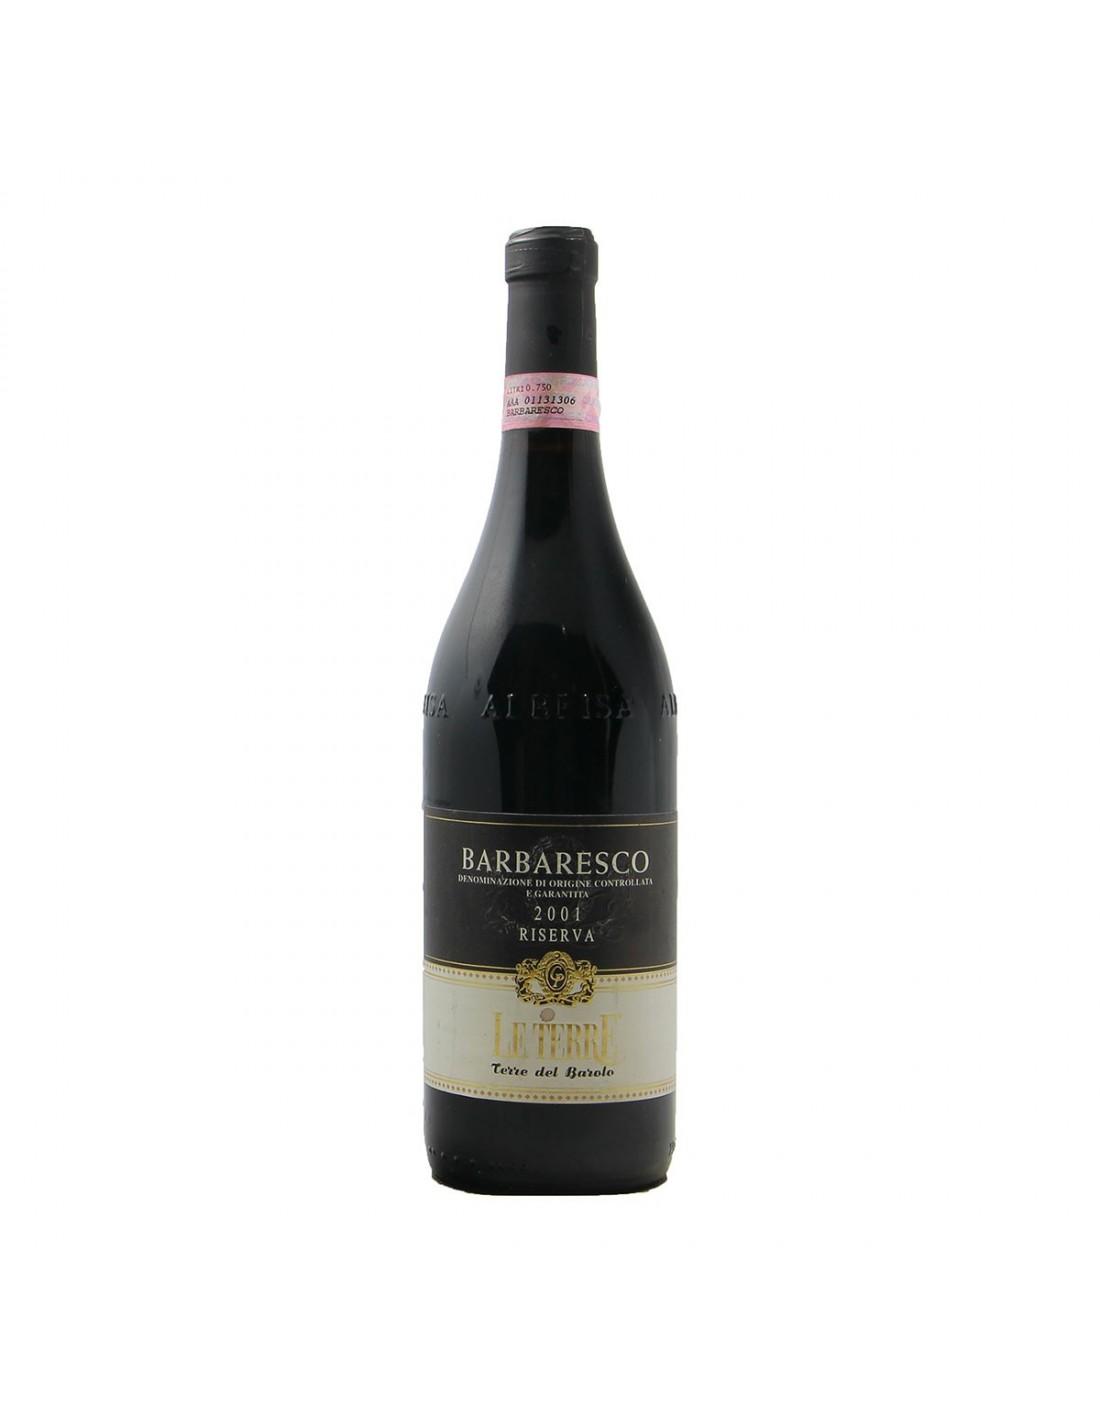 BARBARESCO RISERVA 2001 TERRE DEL BAROLO Grandi Bottiglie